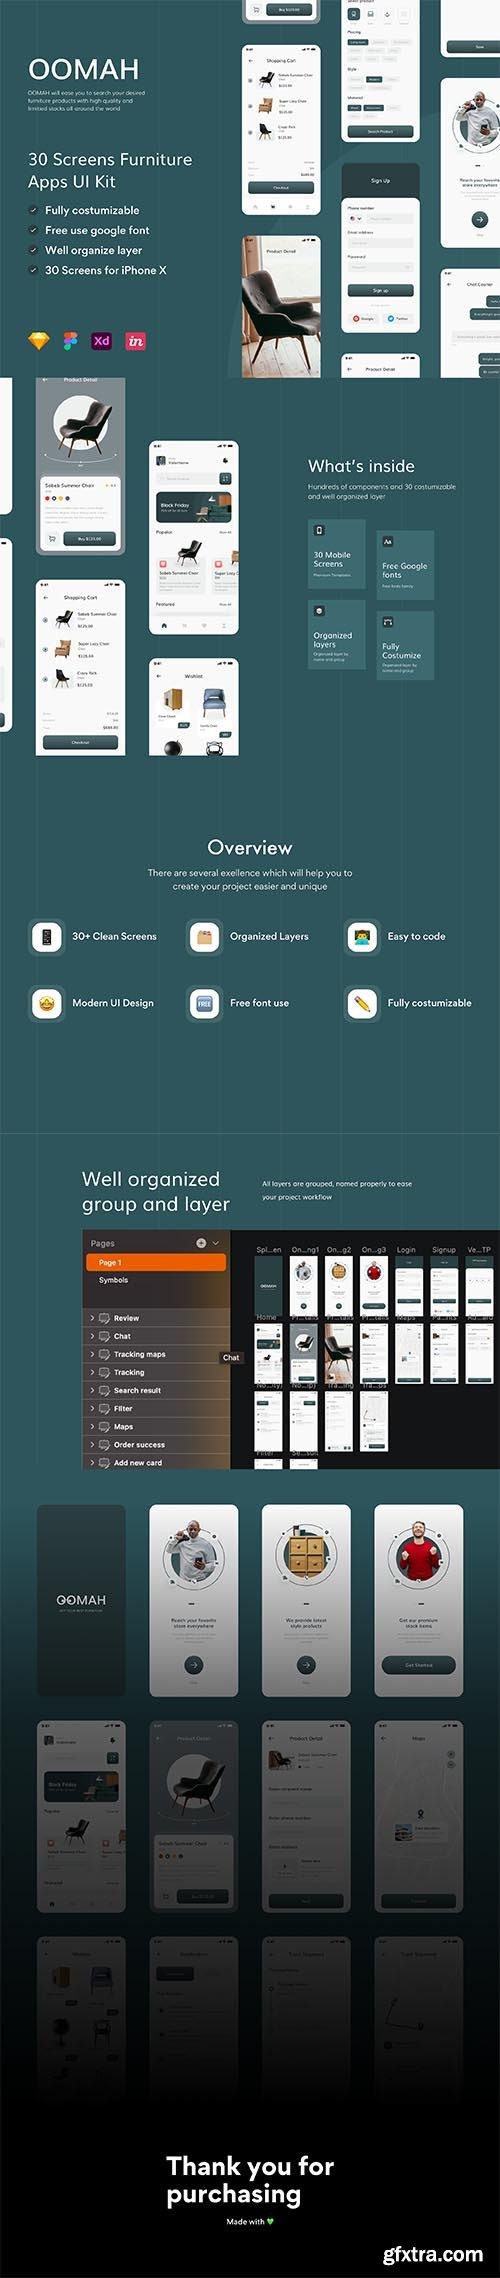 Oomah - Furniture Apps UI KIT